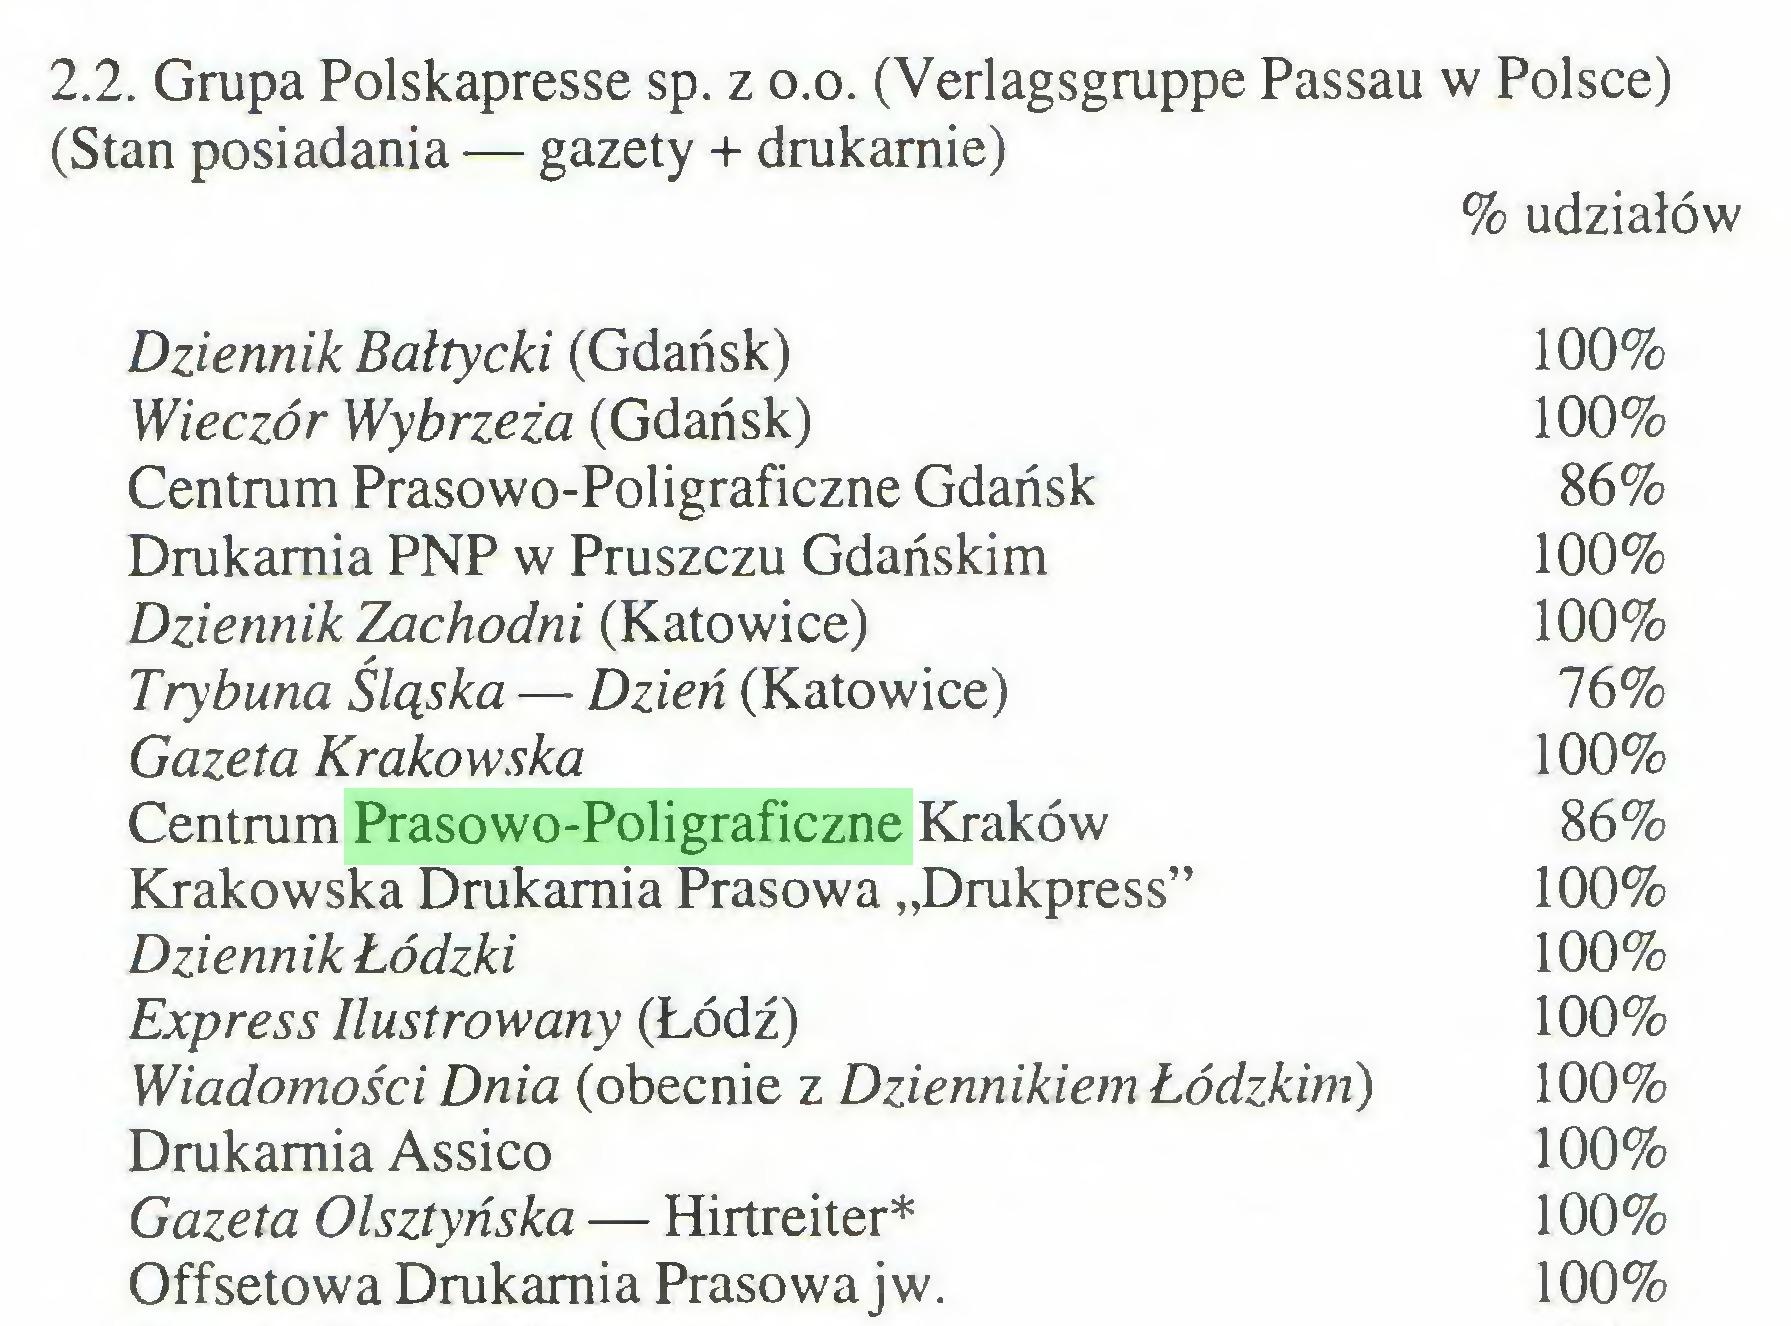 """(...) 2.2. Grupa Polskapresse sp. z o.o. (Verlagsgruppe Passau w Polsce) (Stan posiadania — gazety + drukarnie) % udziałów Dziennik Bałtycki (Gdańsk) 100% Wieczór Wybrzeża (Gdańsk) 100% Centrum Prasowo-Poligraficzne Gdańsk 86% Drukarnia PNP w Pruszczu Gdańskim 100% Dziennik Zachodni (Katowice) 100% Trybuna Śląska — Dzień (Katowice) 76% Gazeta Krakowska 100% Centrum Prasowo-Poligraficzne Kraków 86% Krakowska Drukarnia Prasowa """"Drukpress"""" 100% Dziennik Łódzki 100% Express Ilustrowany (Łódź) 100% Wiadomości Dnia (obecnie z Dziennikiem Łódzkim) 100% Drukarnia Assico 100% Gazeta Olsztyńska — Hirtreiter* 100% Offsetowa Drukarnia Prasowa j w. 100%..."""